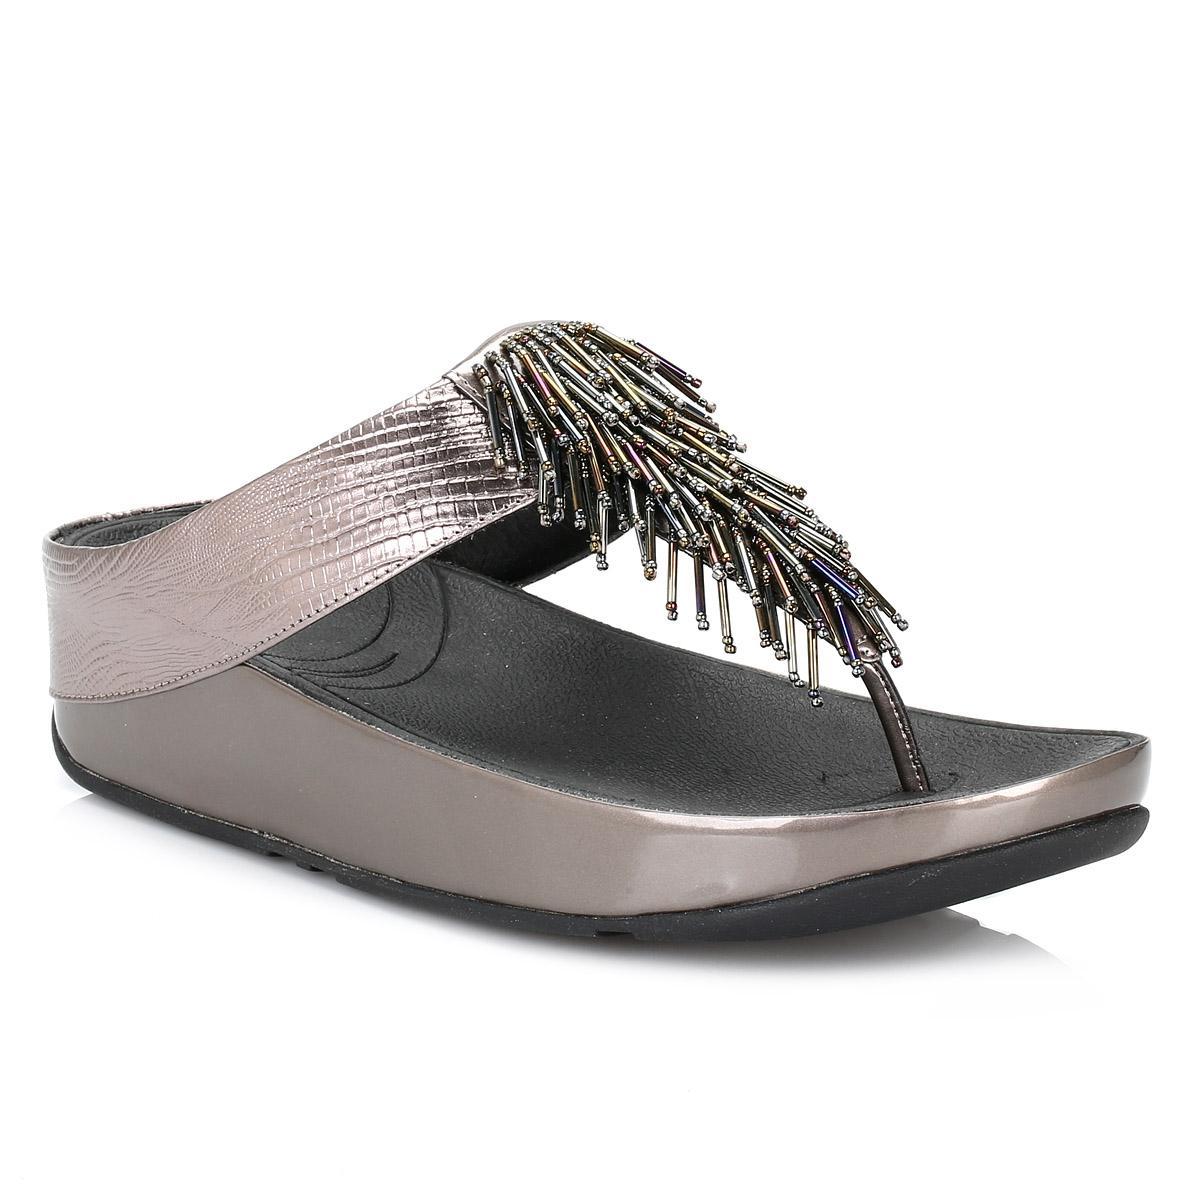 fd75d642edc9bd Lyst - Fitflop Womens Cha Cha Nimbus Silver Sandals in Metallic